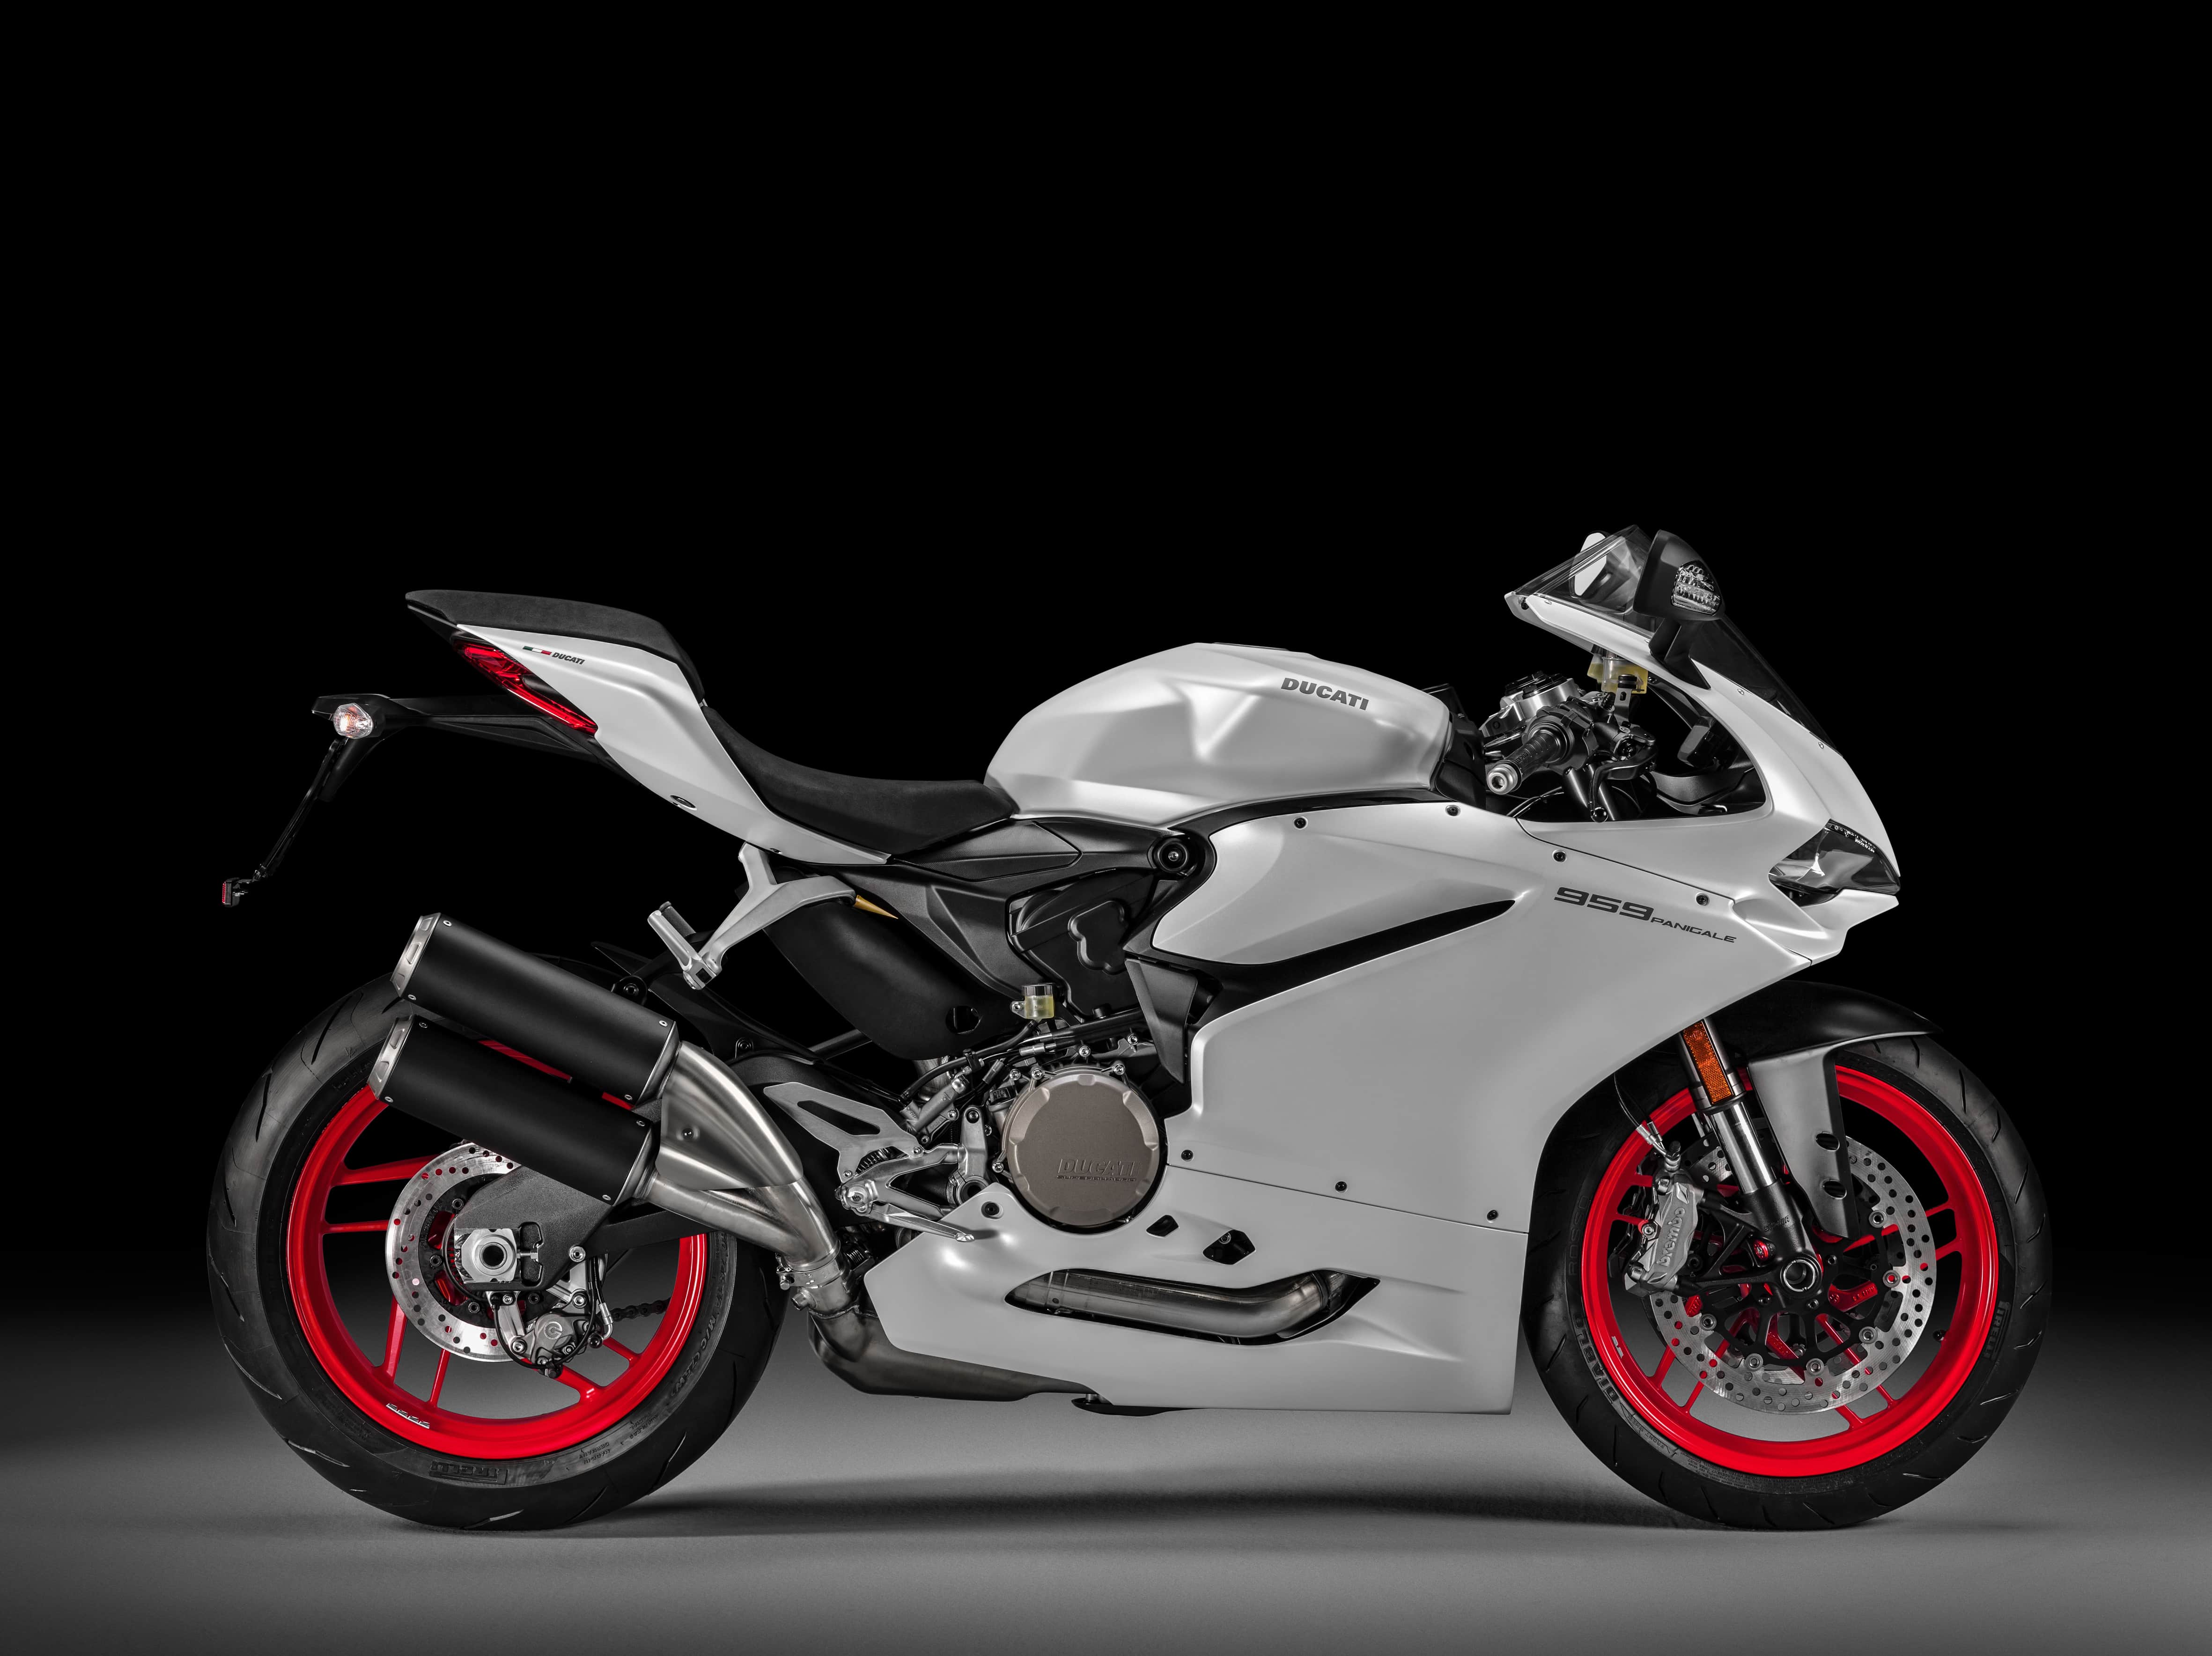 Ducati Panigale 959 nuovi modelli 2017